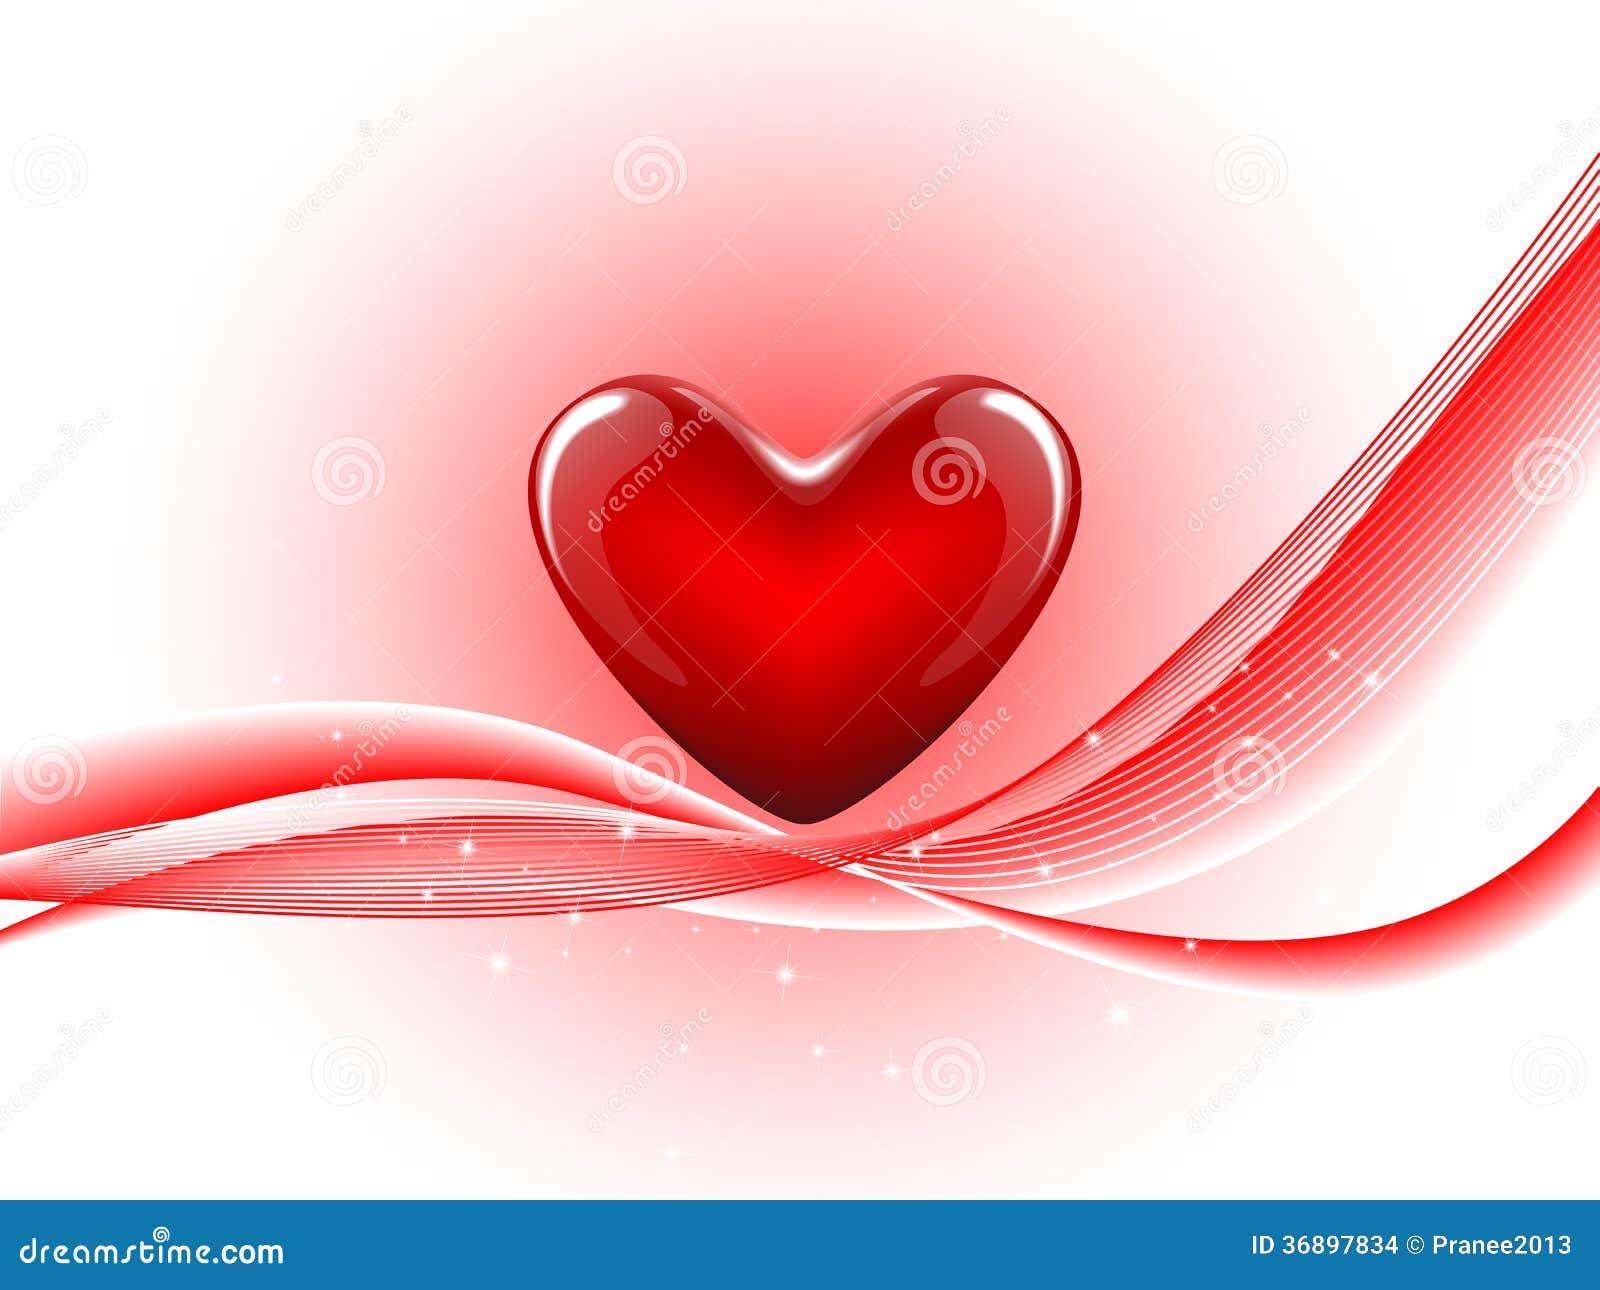 在抽象背景的红色心脏.图片